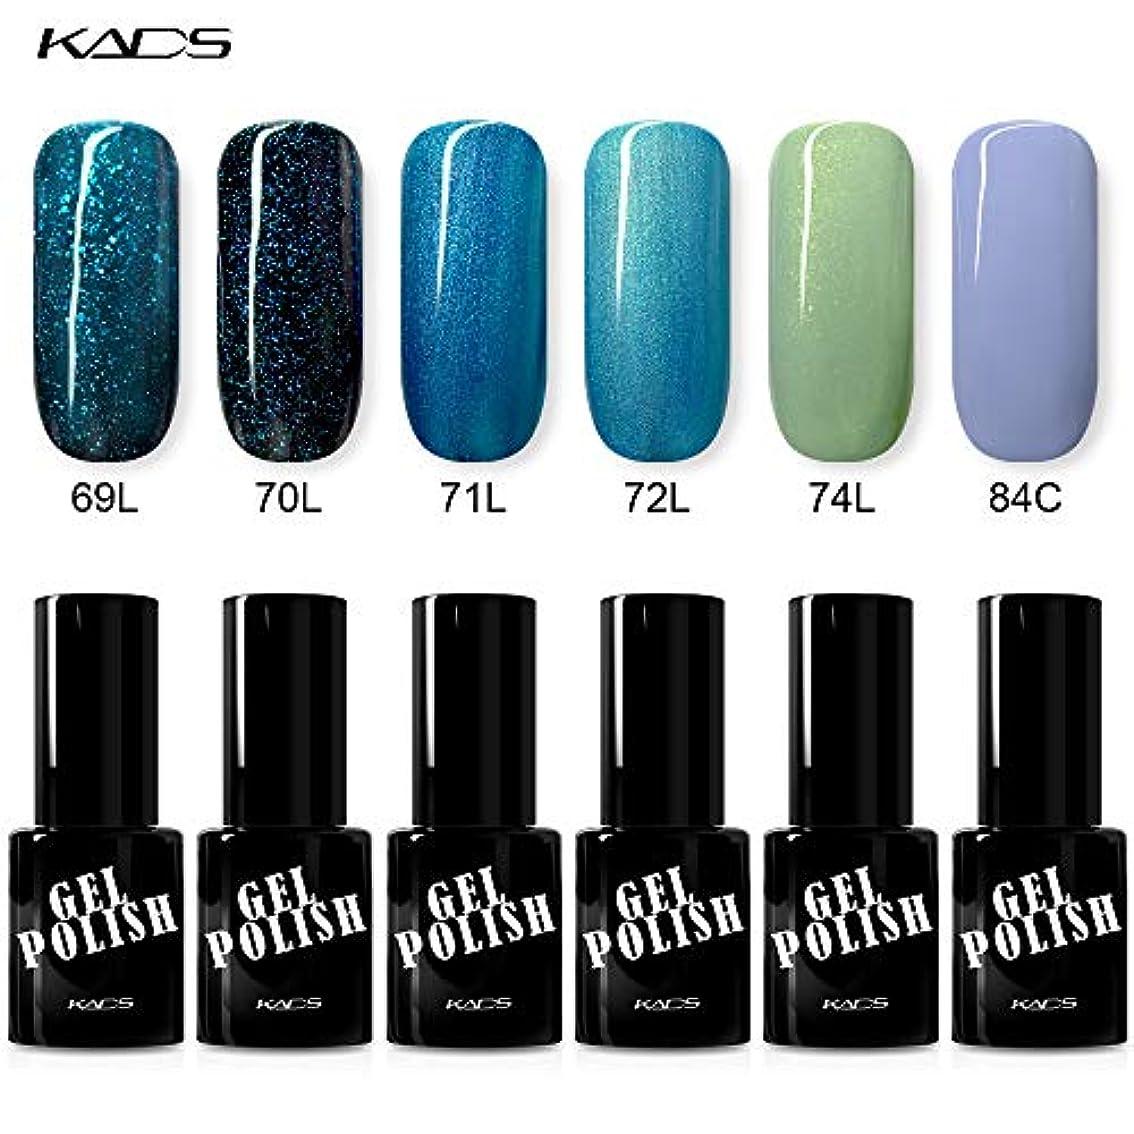 スクレーパーより平らな特殊KADS ネイルカラーポリッシュ ラメ入りジェル 6色セット グリーン?ブルー系 キラキラ目 UV?LED対応